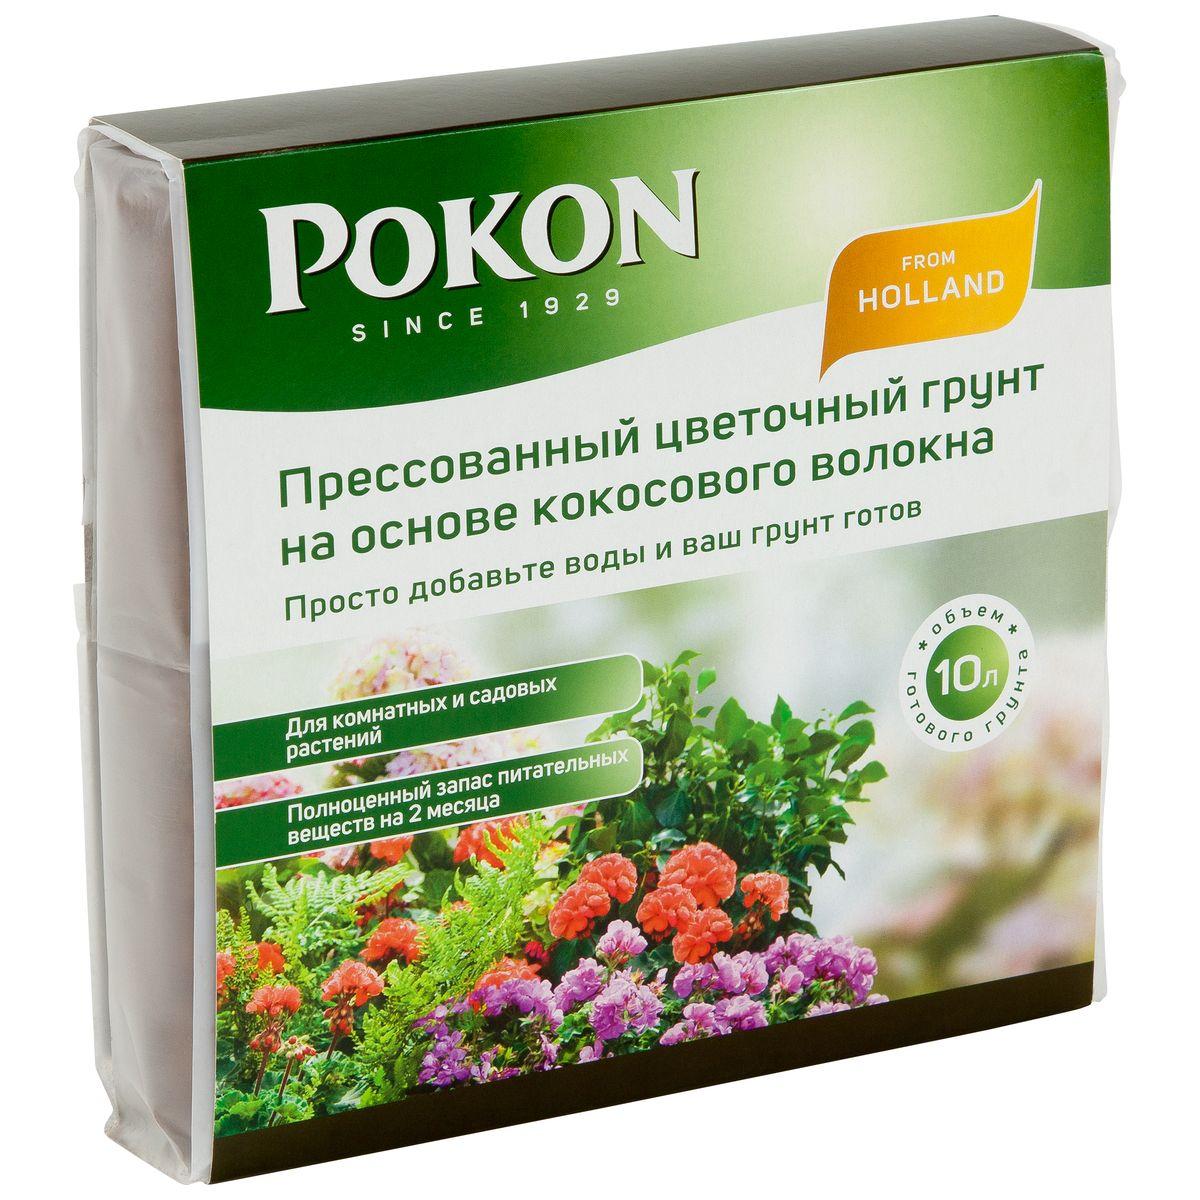 Прессованный цветочный грунт Pokon на основе кокосового волокна, 650 г391602Прессованный цветочный грунт Pokon на основе кокосового волокна:Горшечный грунт Pokon состоит из кокосового волокна. Это на 100% натуральная, экологически чистая прессованная смесь с запасом питательных веществ для горшечных растений на 2 месяца. В грунте нет никаких сорняков. Он идеален для горшечных растений. Пористая структура кокосового волокна, хорошо пропускающая воздух, позволяет корням быстро развиваться, а ваши руки всегда остаются чистыми.Инструкция по применению- Откройте упаковку, добавьте 3 л воды.- Через несколько минут грунт готов к использованию.- Положите на дно горшка слой гидрогранул Pokon.- Поверх гидрогранул насыпьте слой грунта.- Посадите растение в горшок, предварительно увлажнив корни, если они высохли.- Досыпьте грунт, оставив для полива не менее 2 см до верха горшка.- Слегка утрамбуйте грунт.- Обильно полейте.Состав:Размягчаемая в воде прессованная масса из компостированного волокна мягких частей скорлупы кокоса c добавлением удобрения (NPK 20 + 20 + 20).Грунт соответствует нормам ЕС.